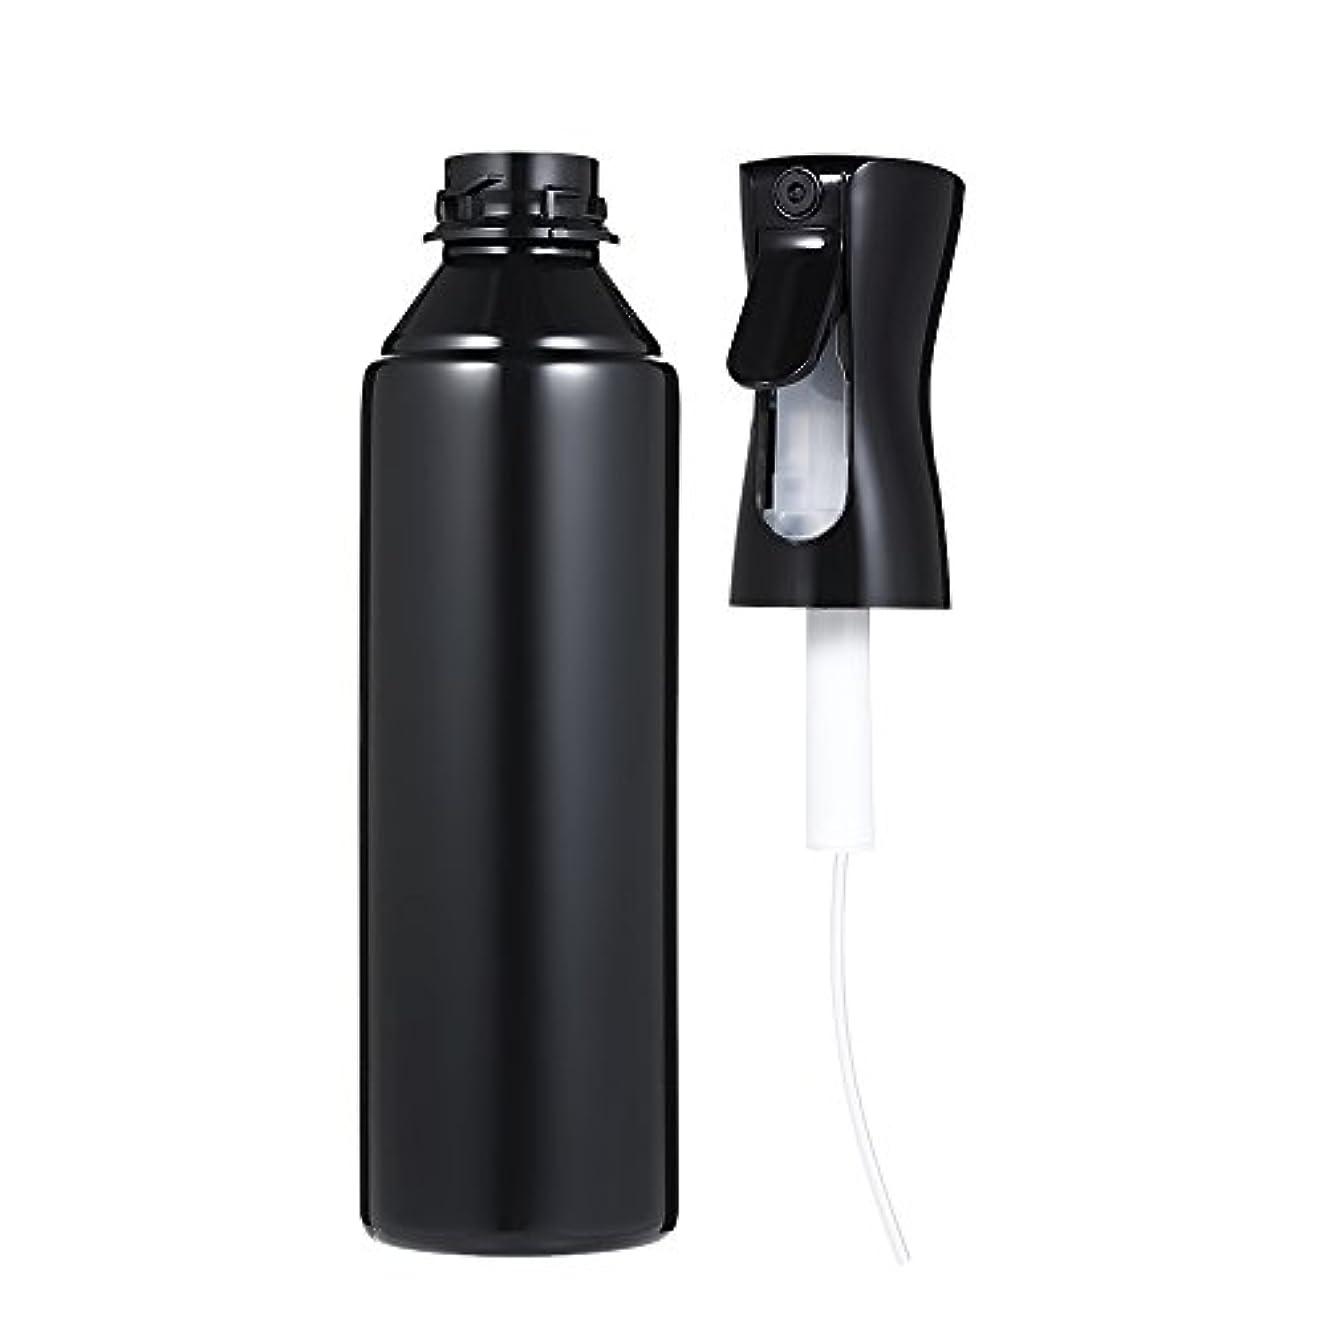 割合計算するアーネストシャクルトンDecdeal スプレーボトル サロン理髪用 美容スプレーナー 花植えツール 空水スプレー 150ml (300ml ブラック)